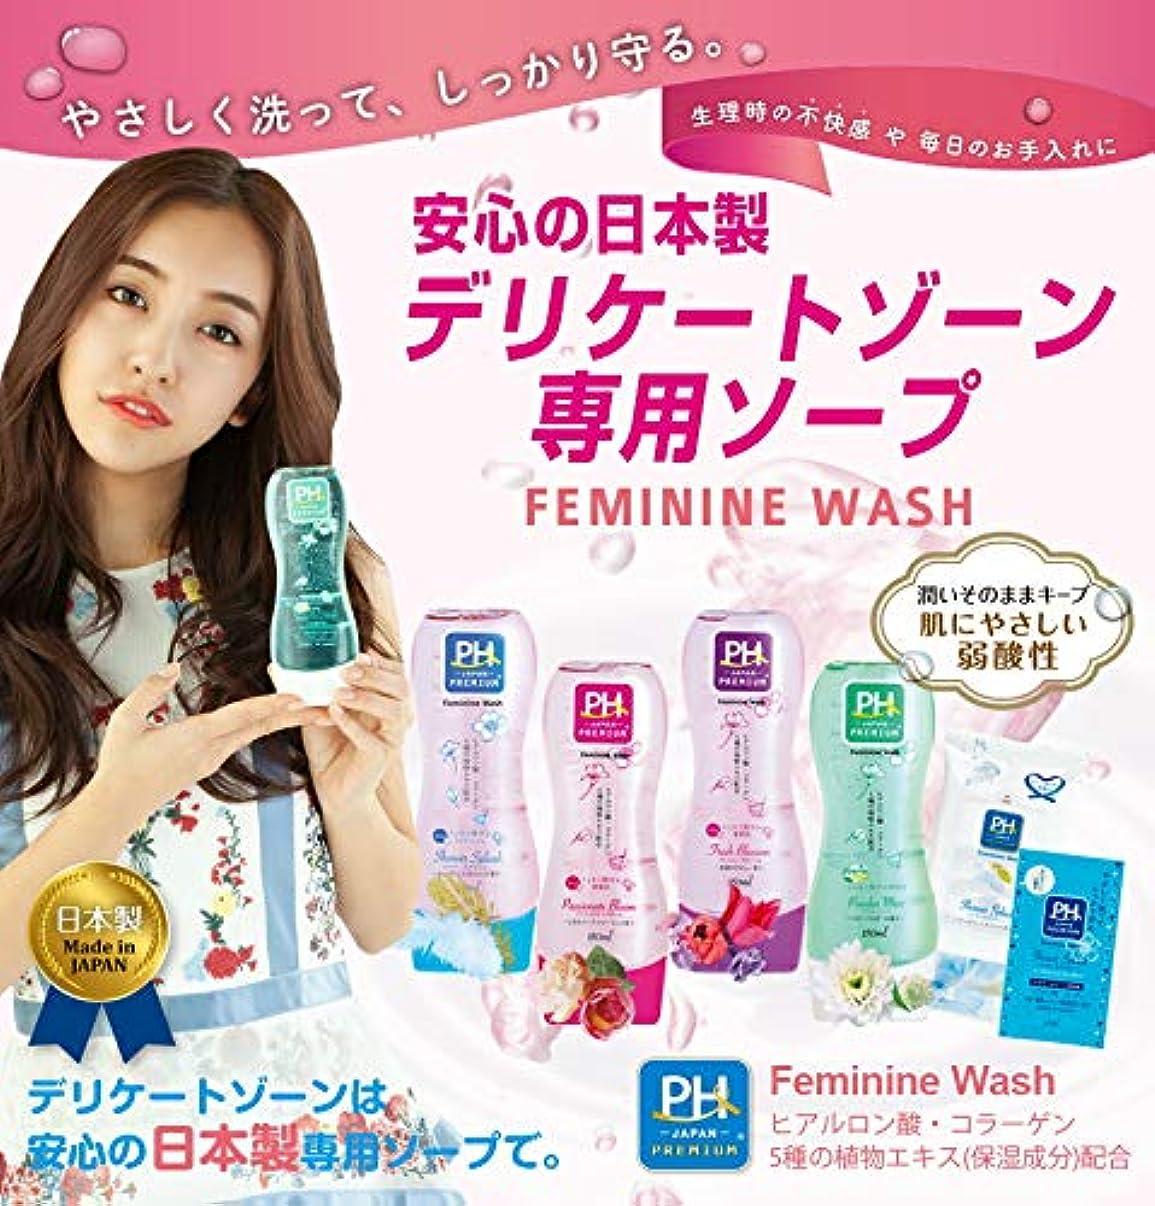 レプリカ権利を与えるコンサートPH JAPAN プレミアム フェミニンウォッシュ パッショネイトブルーム150ml上品なローズフローラルの香り 3本セット